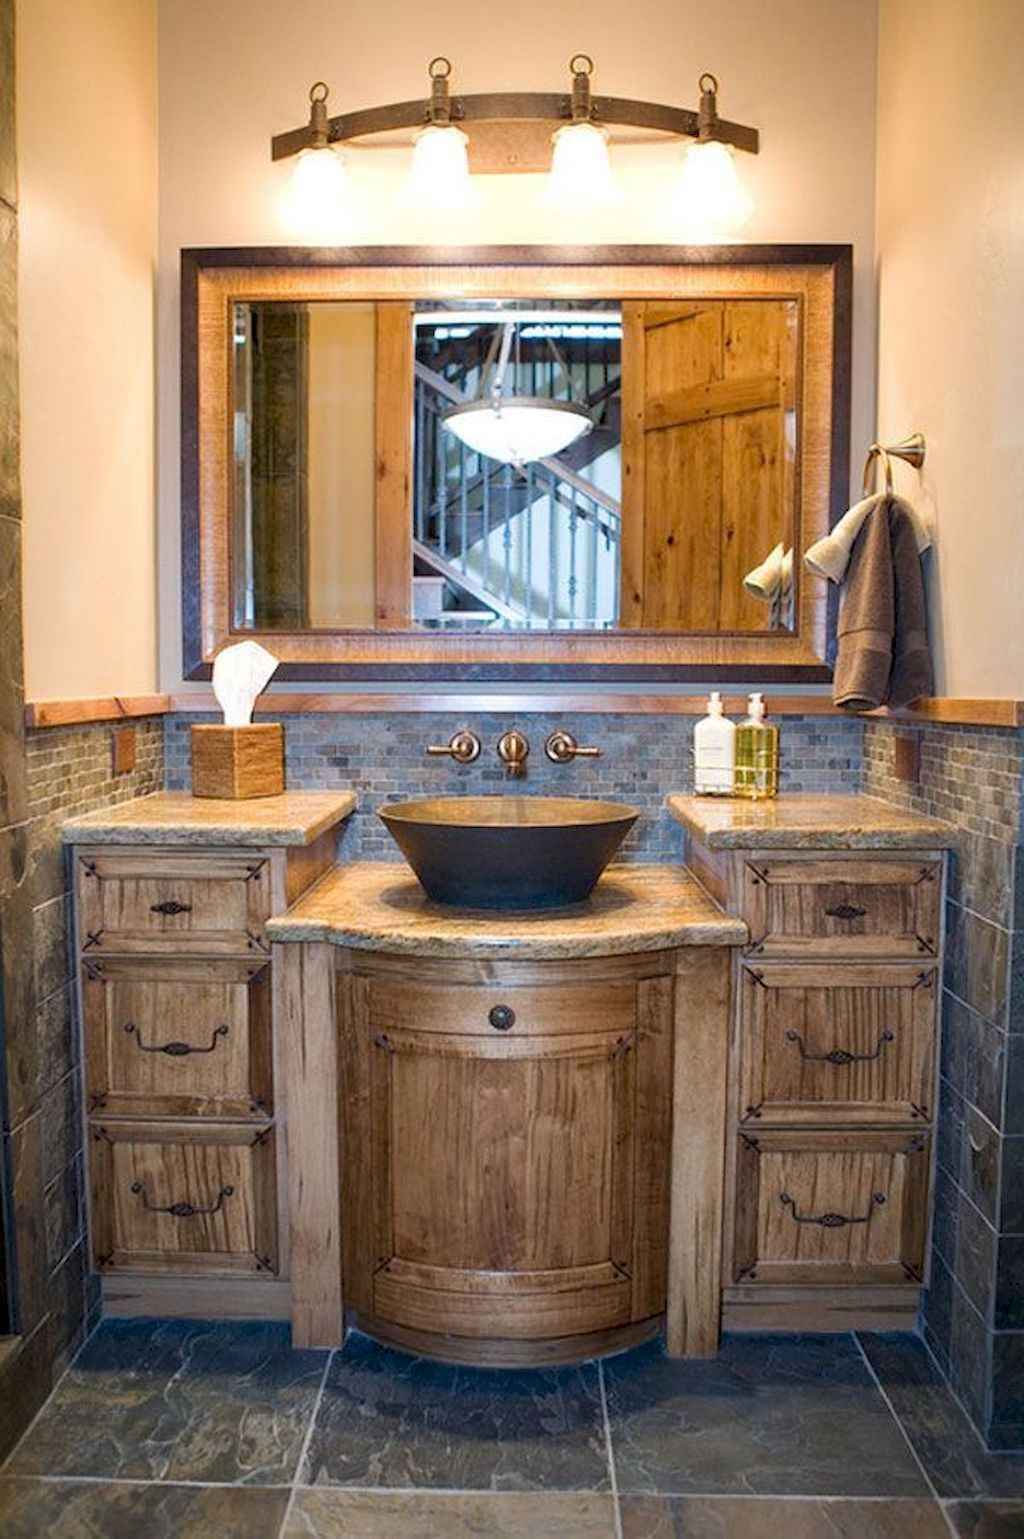 50 Stunning Farmhouse Bathroom Vanity Decor Ideas (34) - CoachDecor.com #bathroomvanitydecor